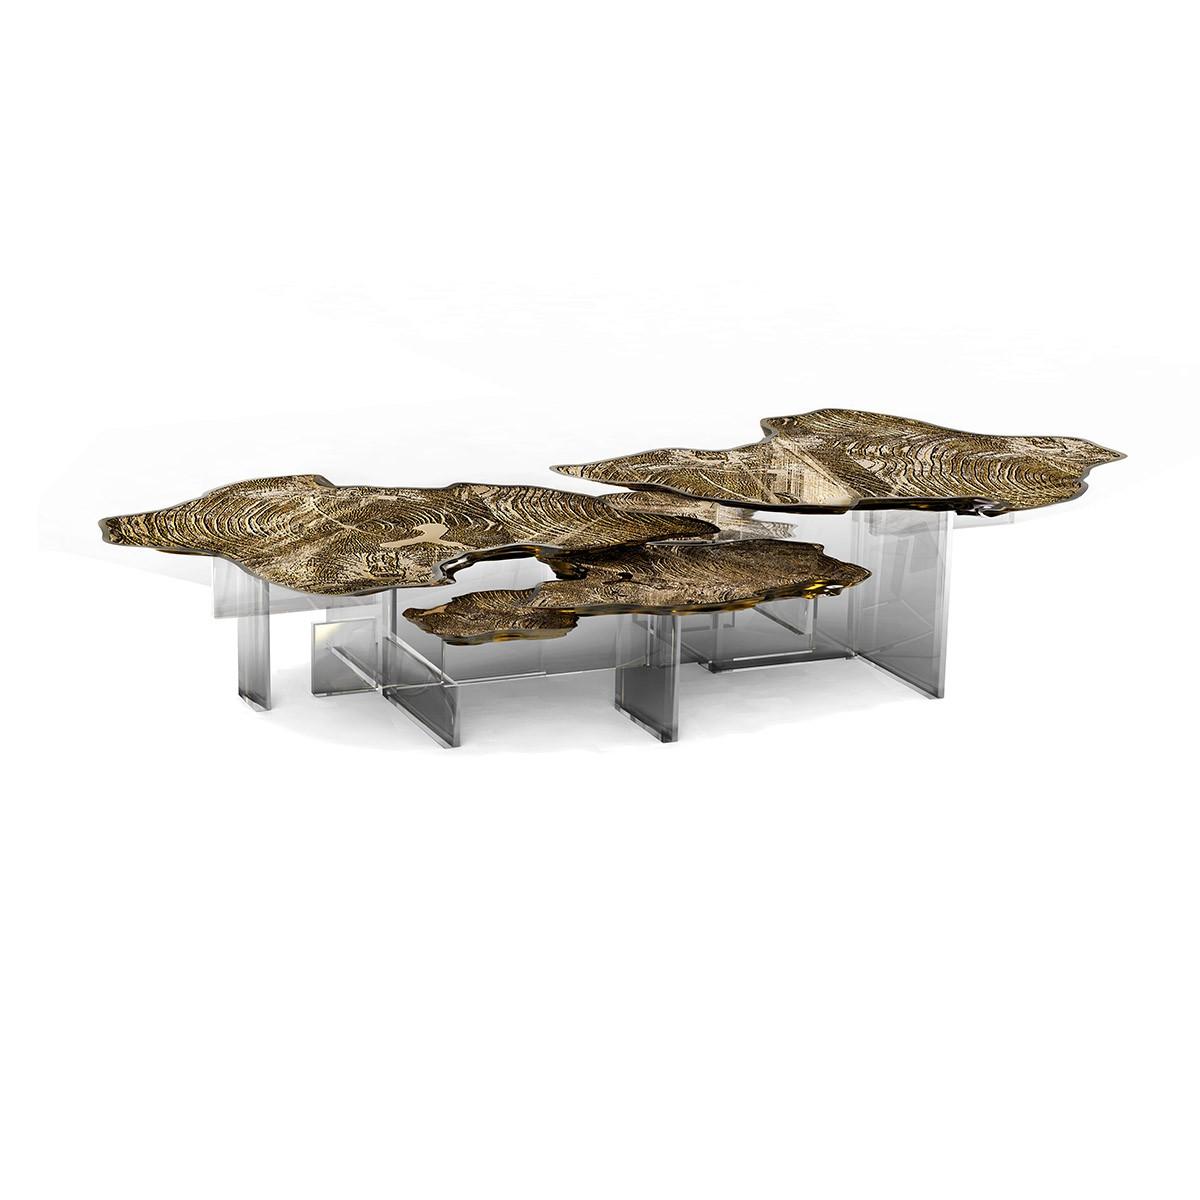 Monet Center Table: When Interior Design Goes Contemporary